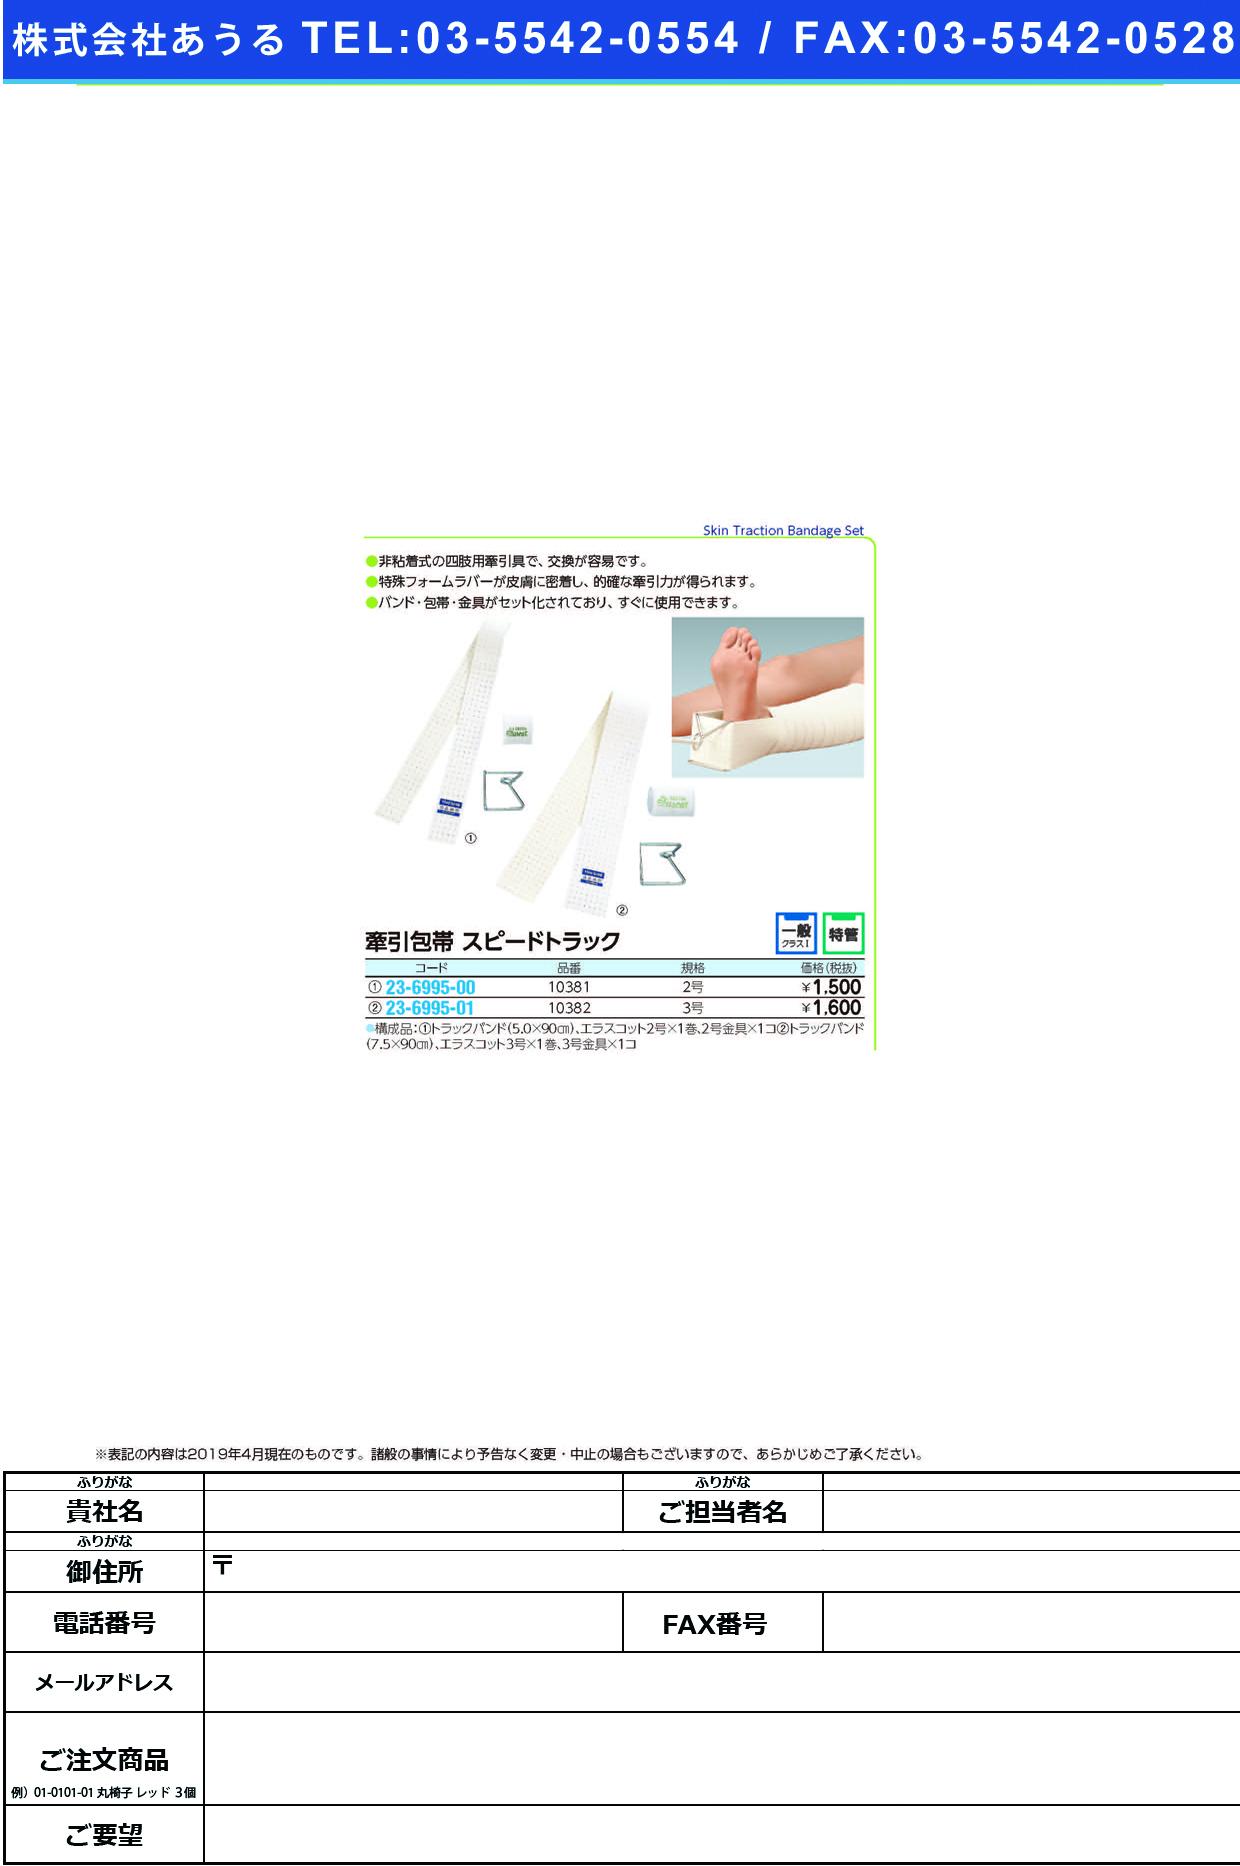 (23-6995-01)スピードトラック(3号) 10382(1セット)75X900MM スピードトラック(3ゴウ)(アルケア)【1箱単位】【2019年カタログ商品】